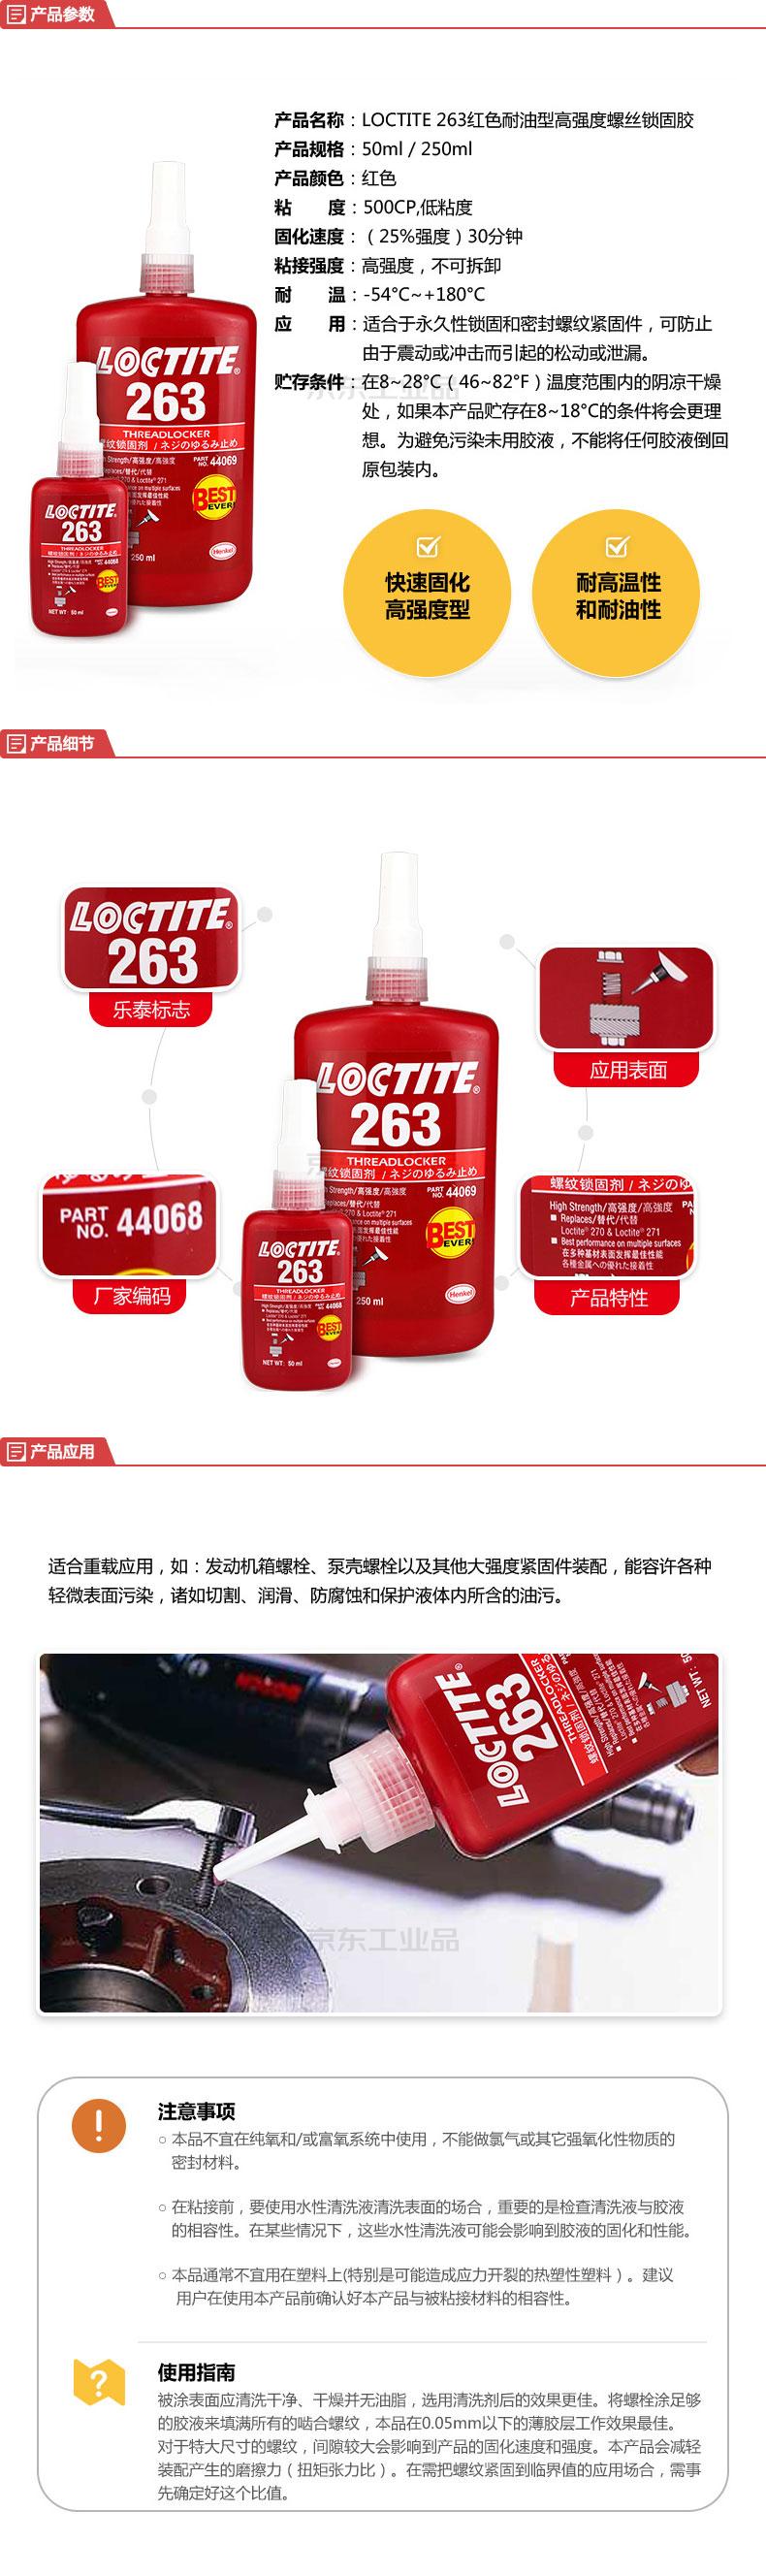 汉高 乐泰(LOCTITE) 红色耐油型高强度螺丝锁固胶,10支/盒,10盒/箱;263 50ml